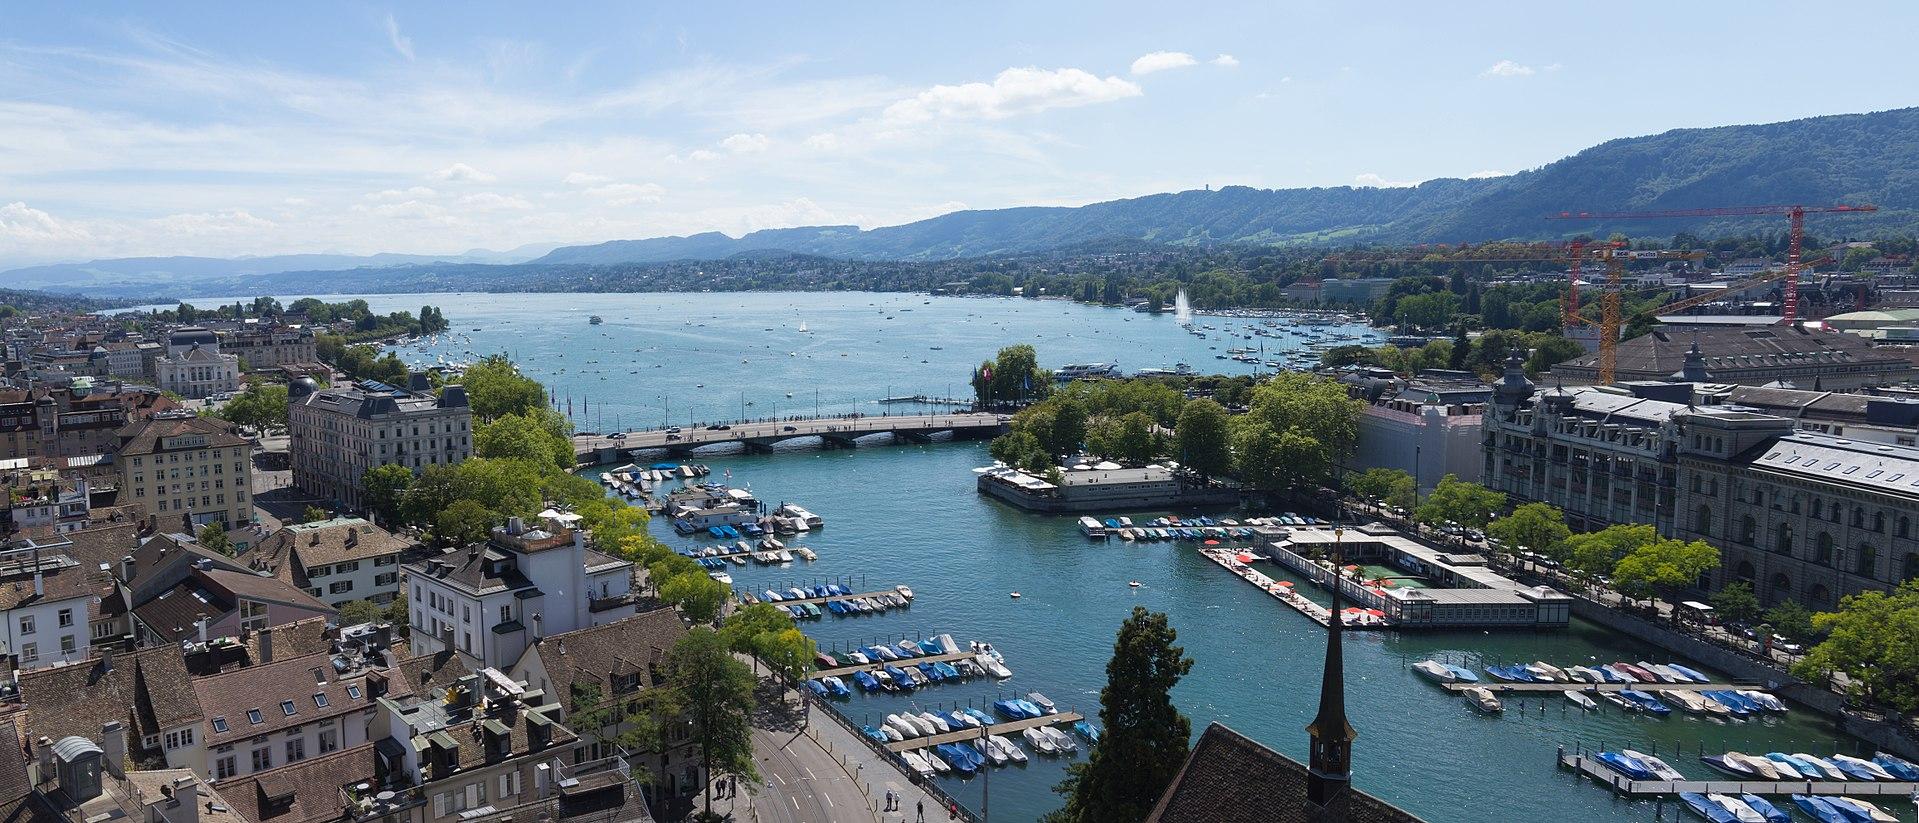 Toàn cảnh hồ Zurich từ đỉnh núi Uetliberg